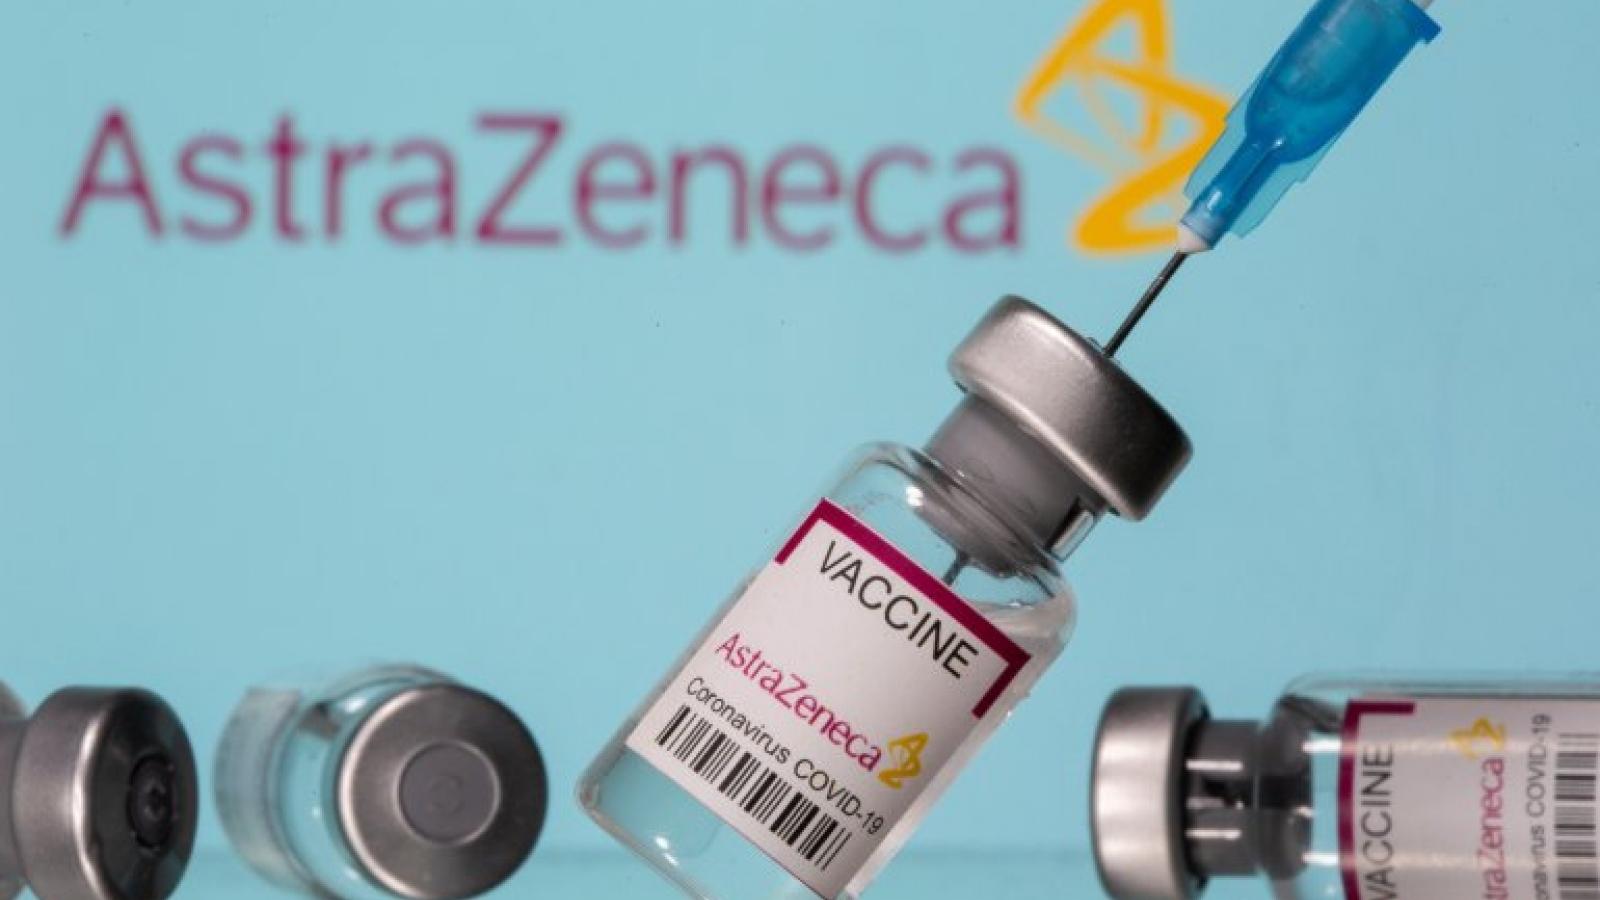 Mexico, Brazil, và Australia không hạn chế vaccine AstraZeneca ngừa Covid-19